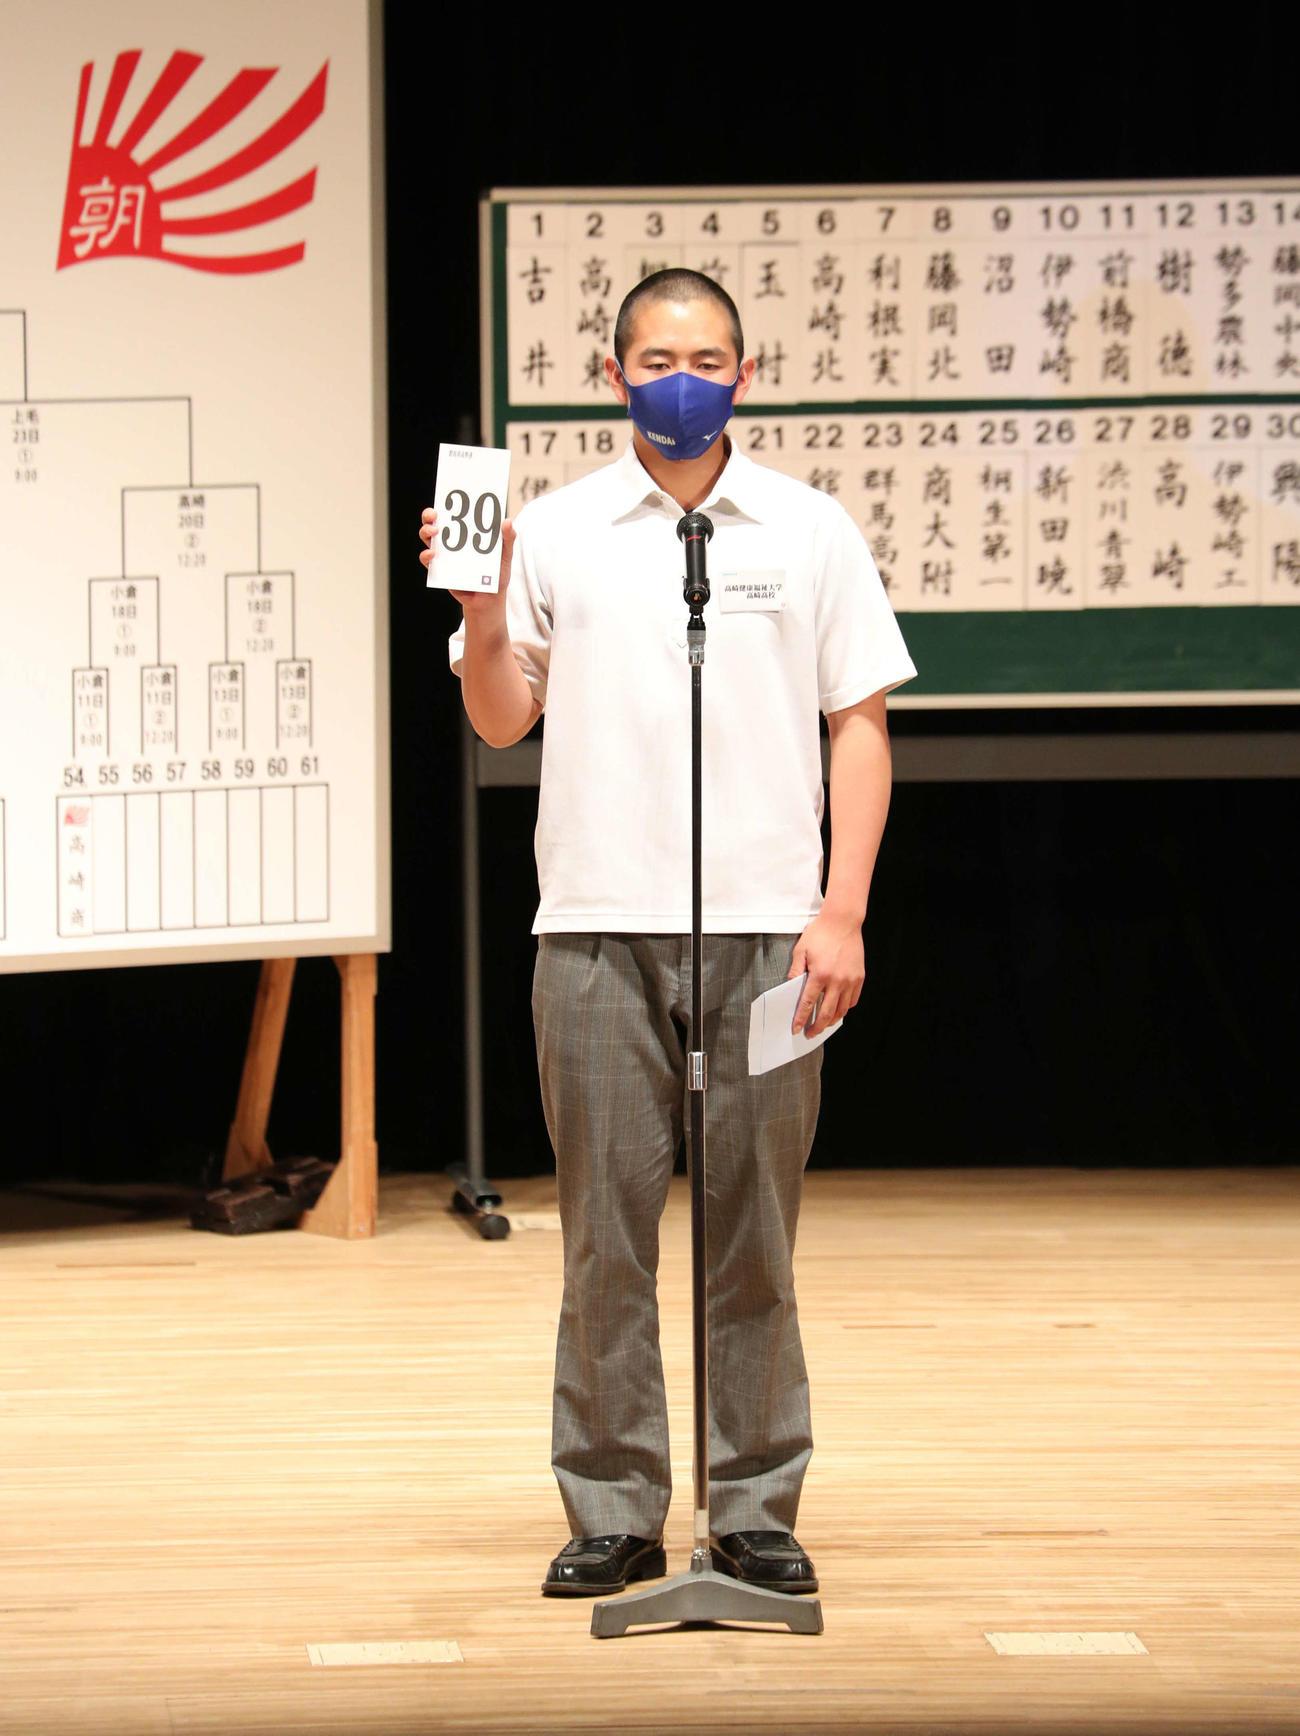 群馬大会抽選会で「39」の番号を手にする高崎健康福祉大高崎・綱川主将(撮影・関根直人)